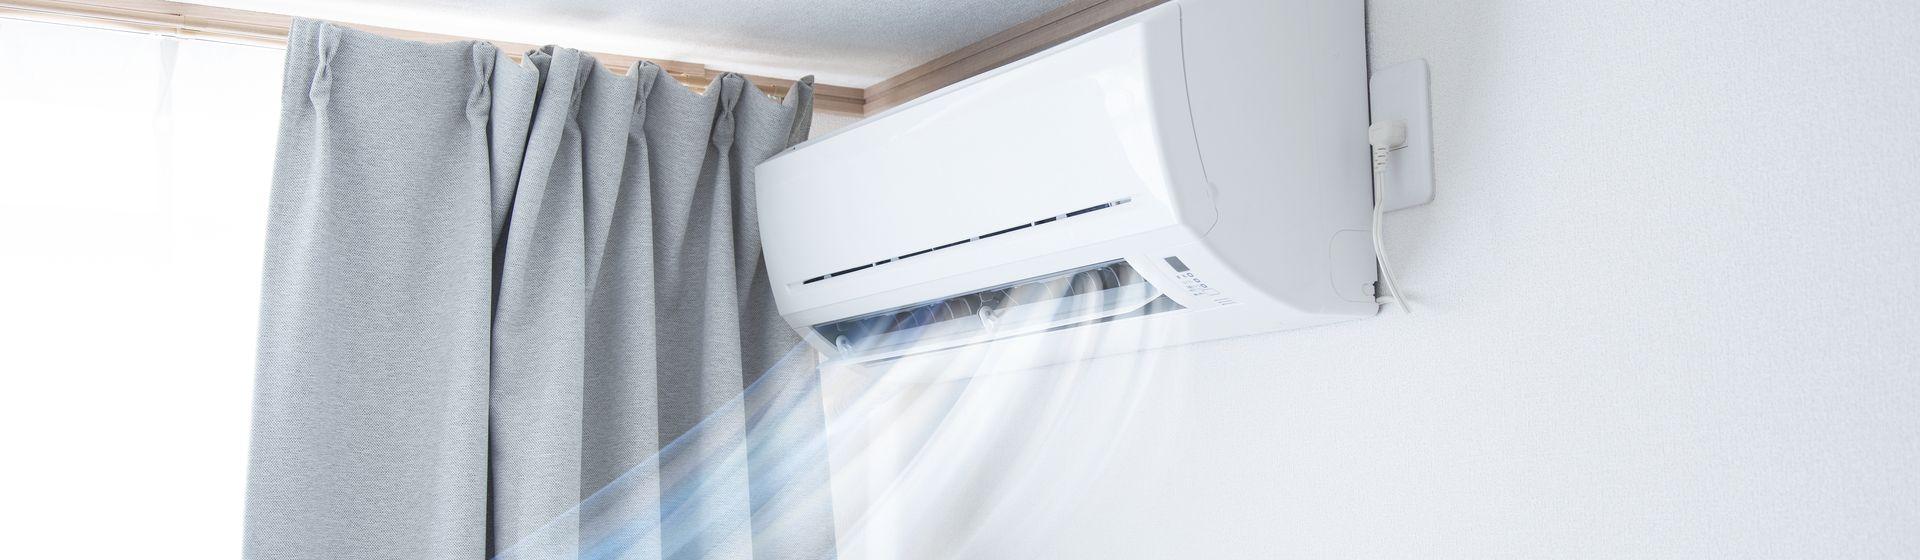 Como instalar ar condicionado split?